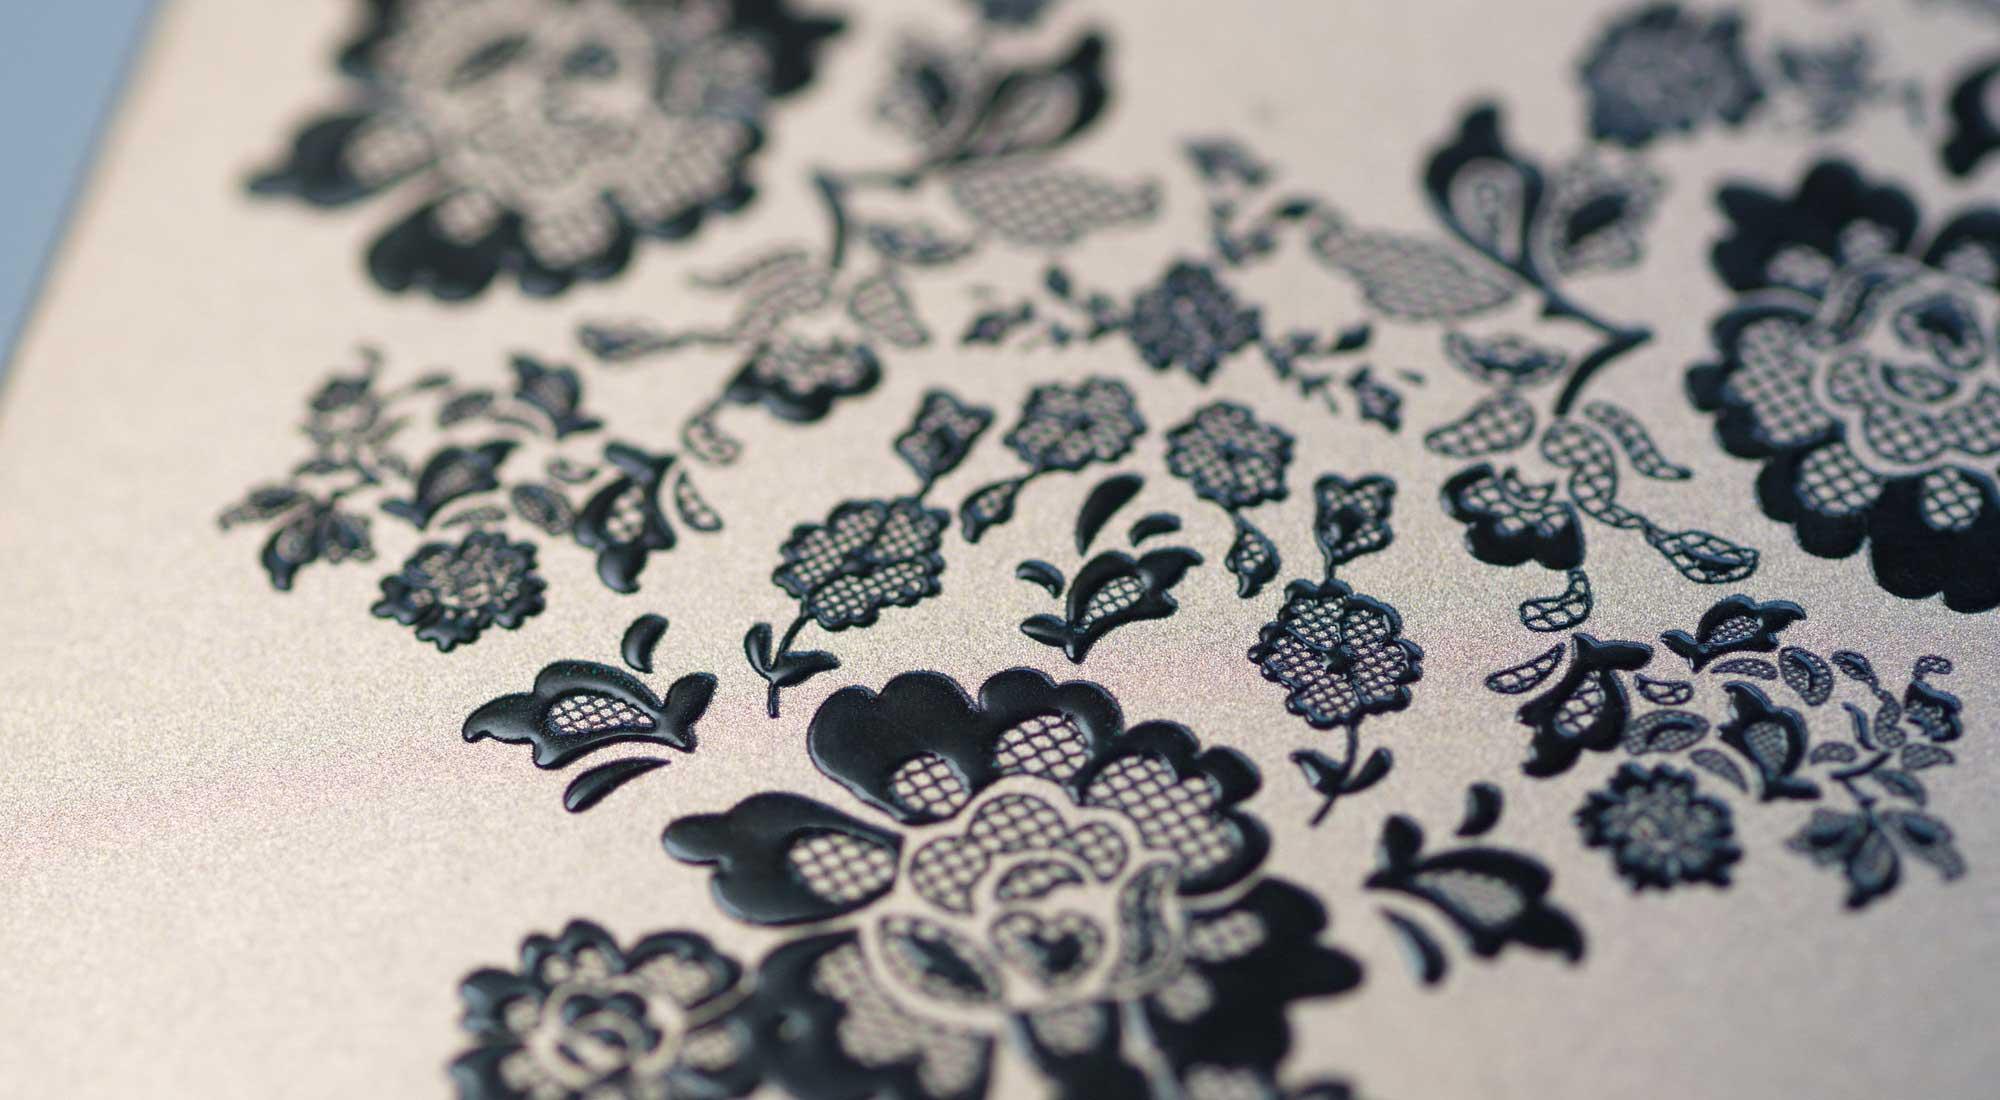 Siebdruck und Prägestruktur © Atelier Haase - Foto: Cornelia Ganner